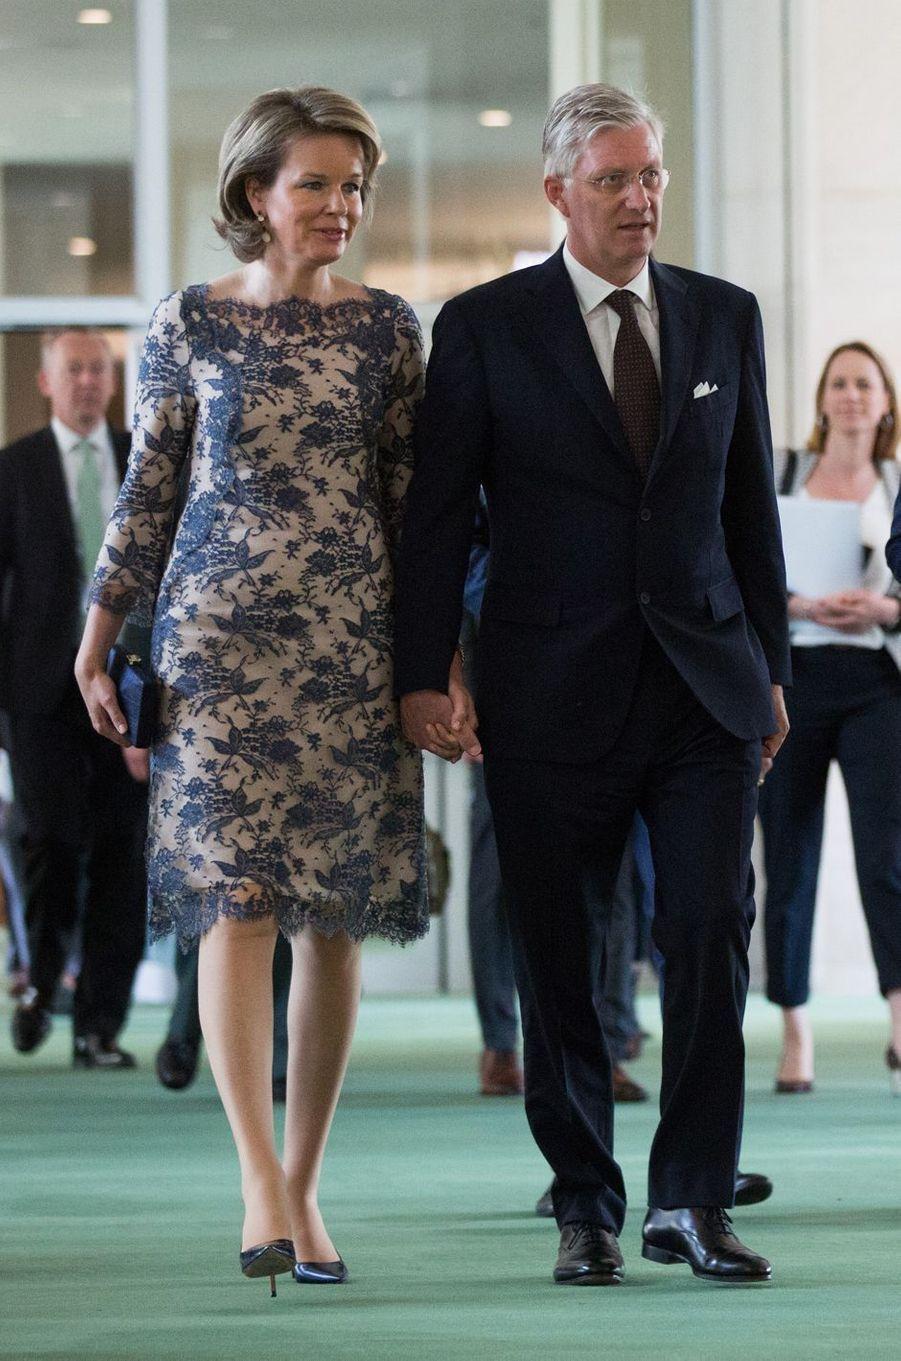 La reine Mathilde de Belgique dans une robe Esmeralda Ammoun, à New York le 24 avril 2018